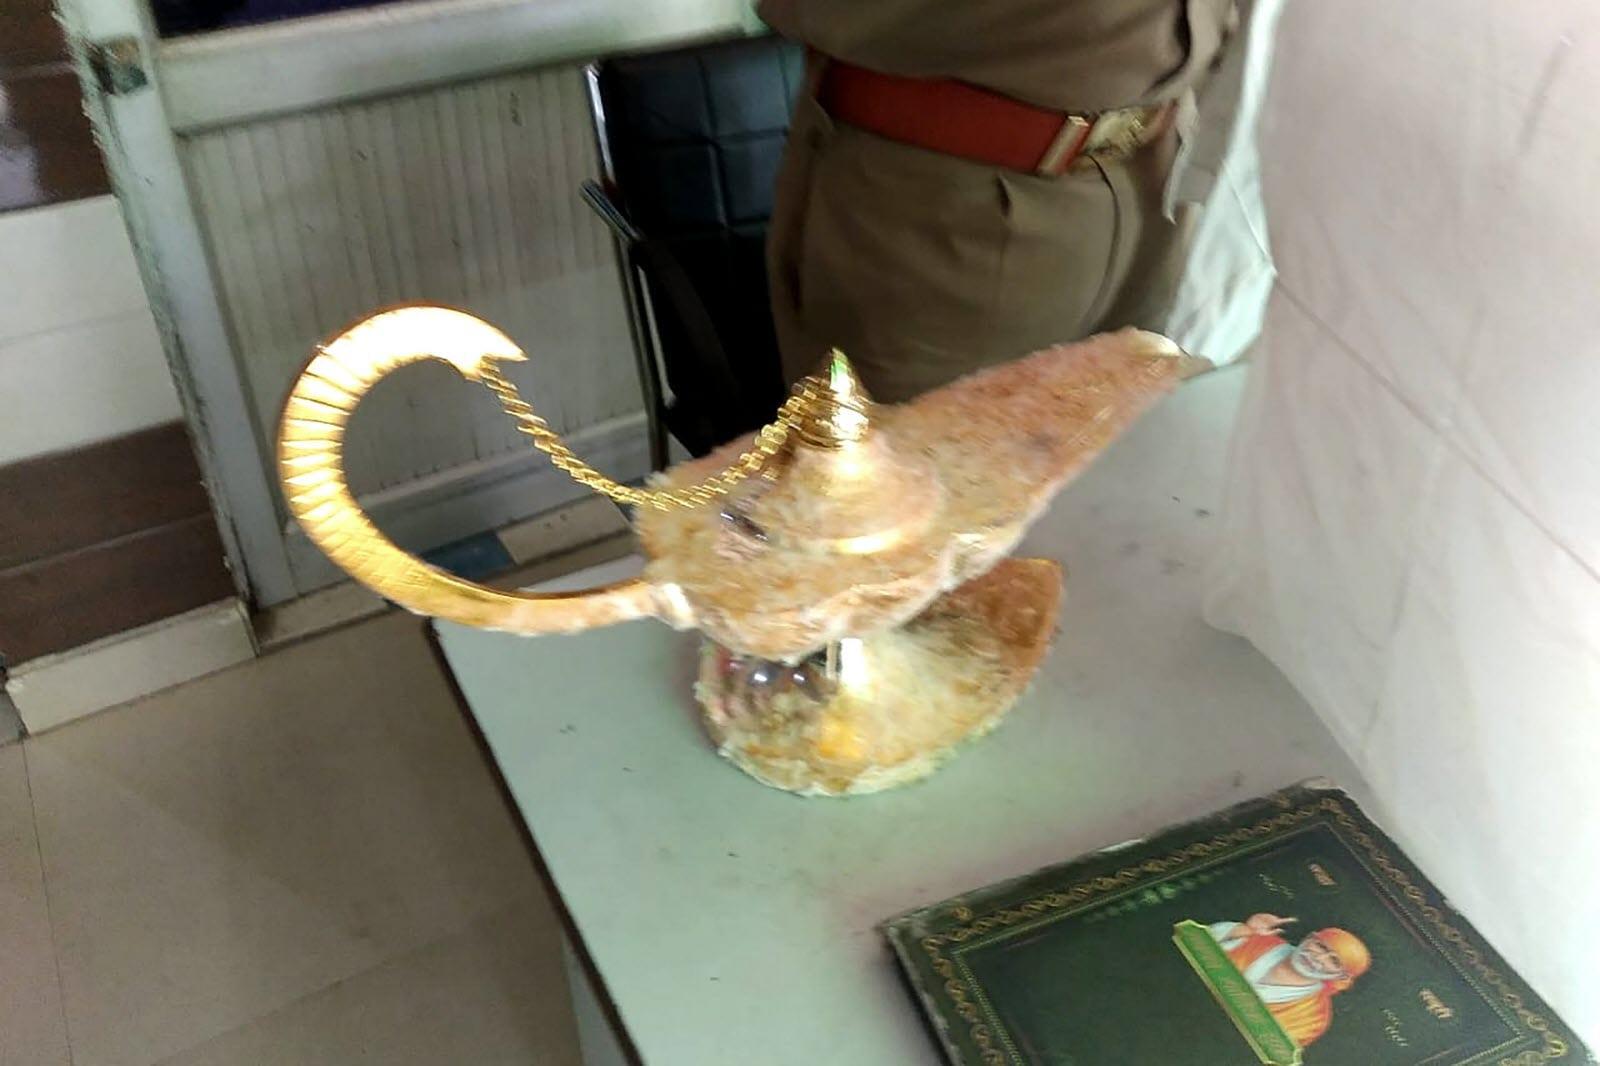 Inde: un médecin achète une fausse ''lampe d'aladdin'' à 23 millions FCFA